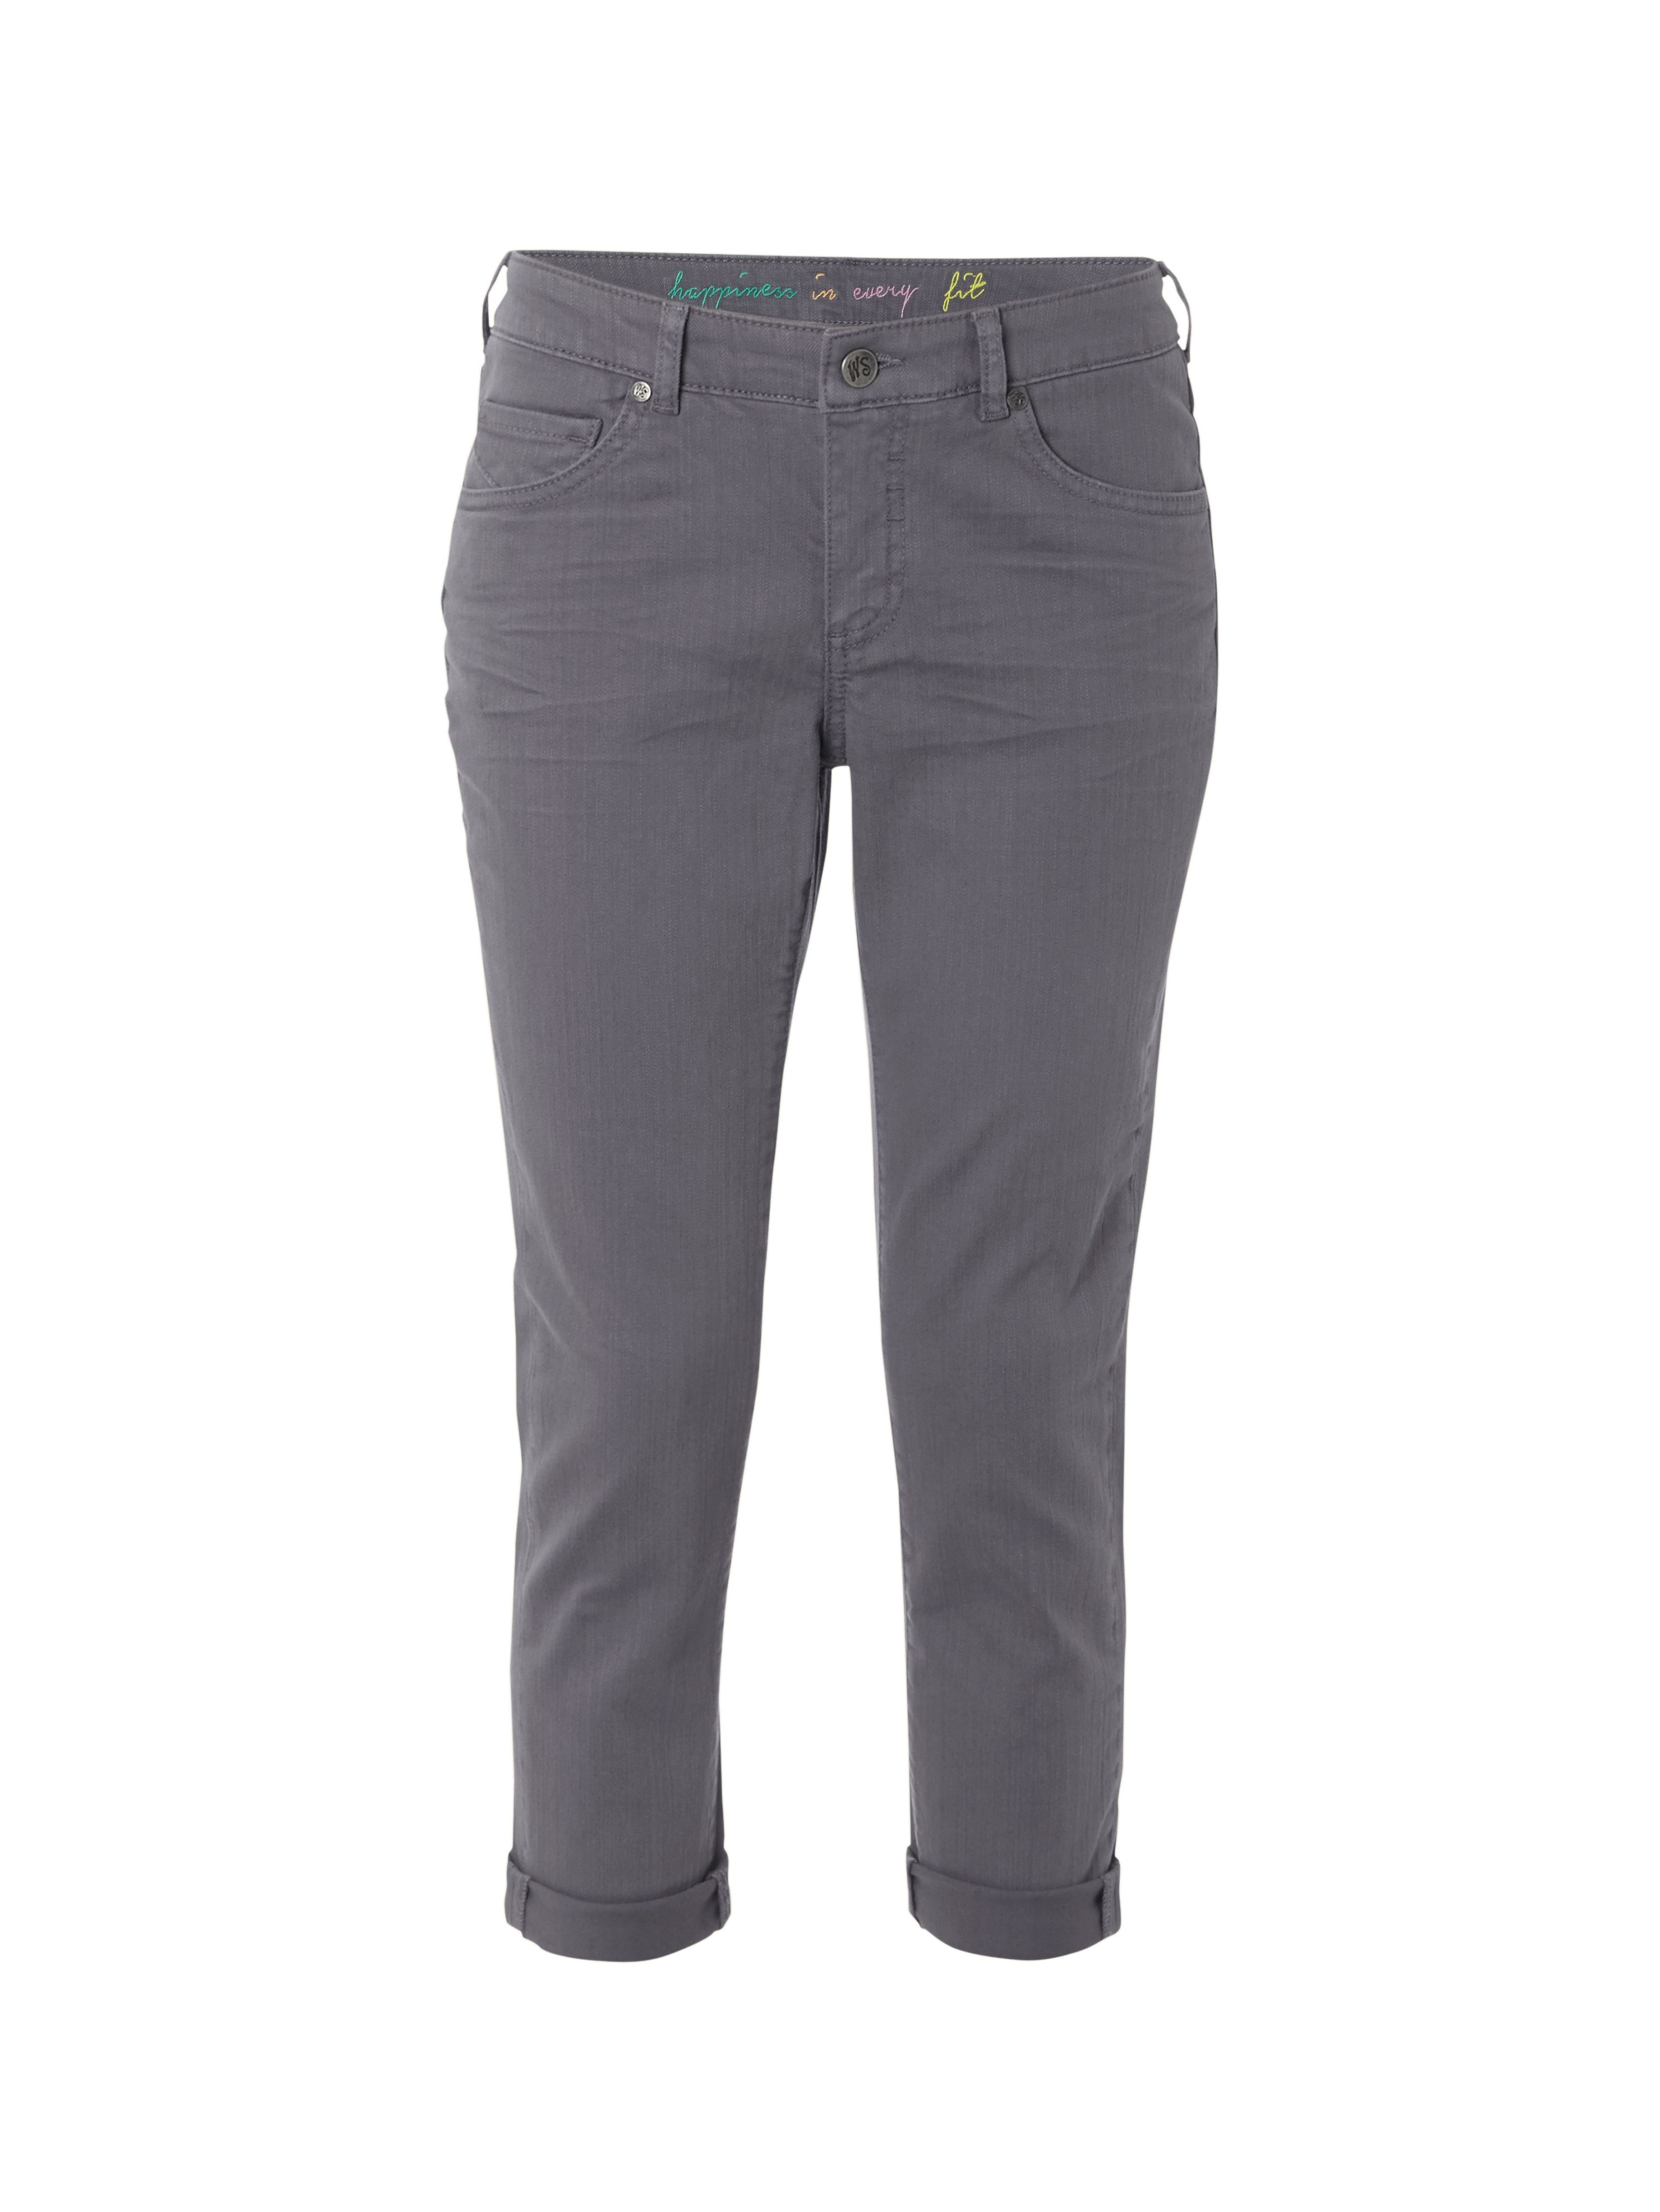 White Stuff Jeans - Jon Jean